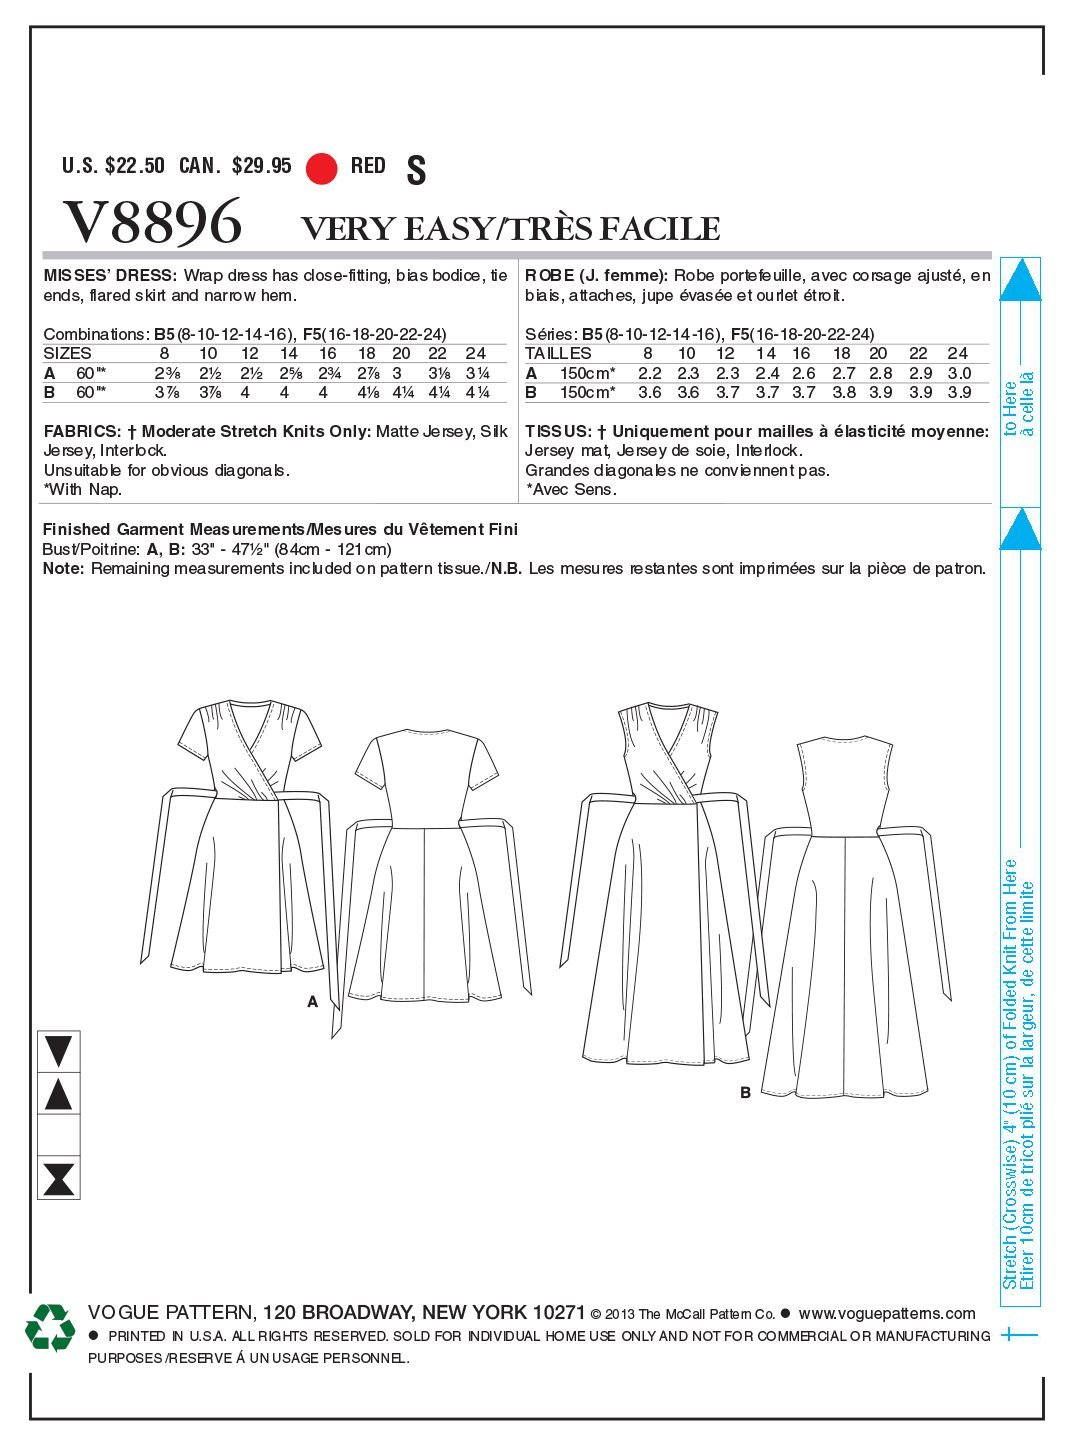 Vogue V8896 - Patrones de costura para vestidos de mujer (2 modelos ...